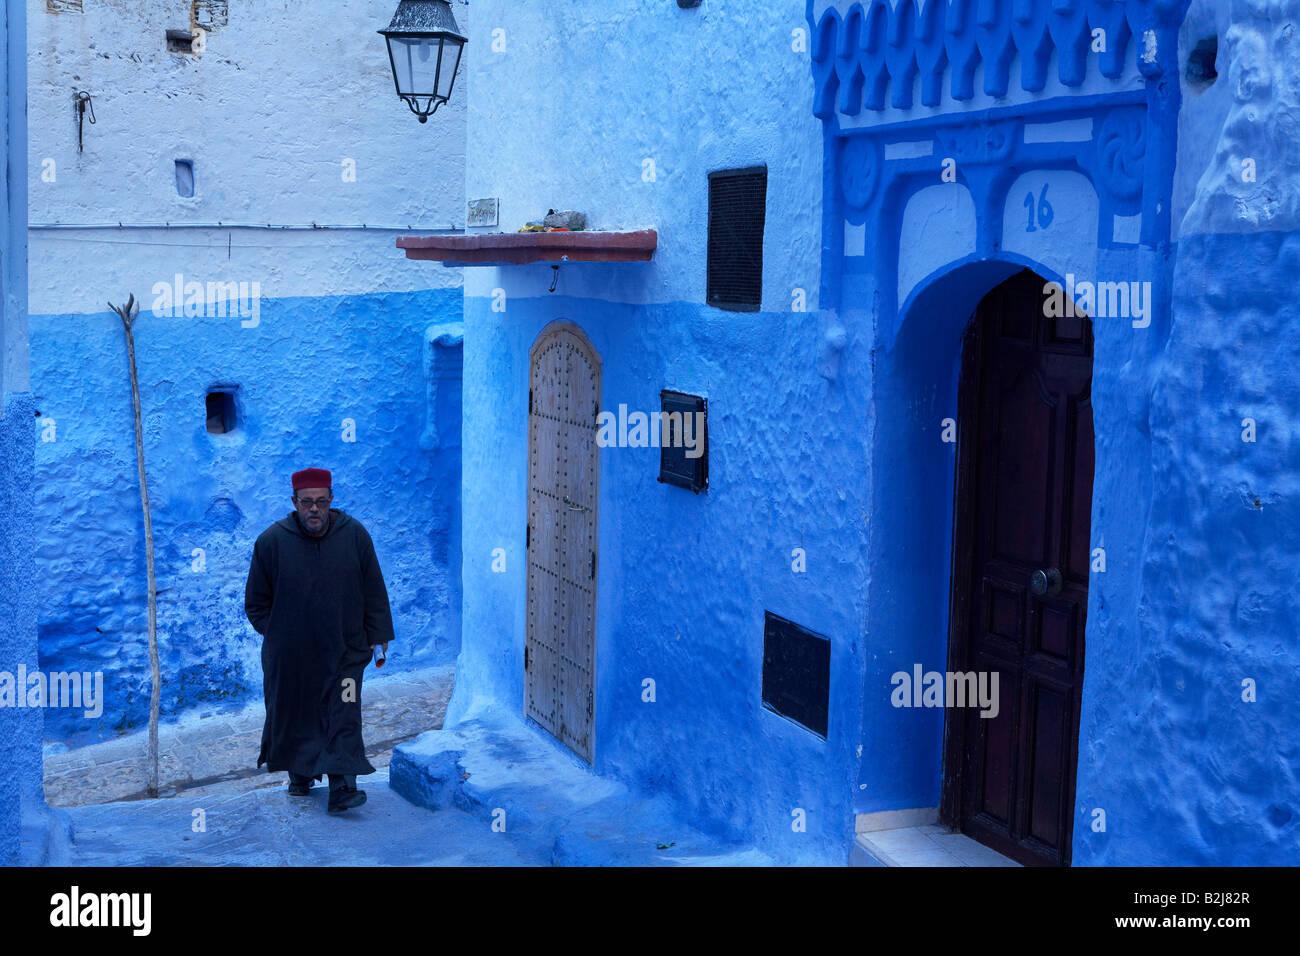 Escenas Callejeras en la ciudad amurallada de azul de Chefchaouen, Marruecos Foto de stock